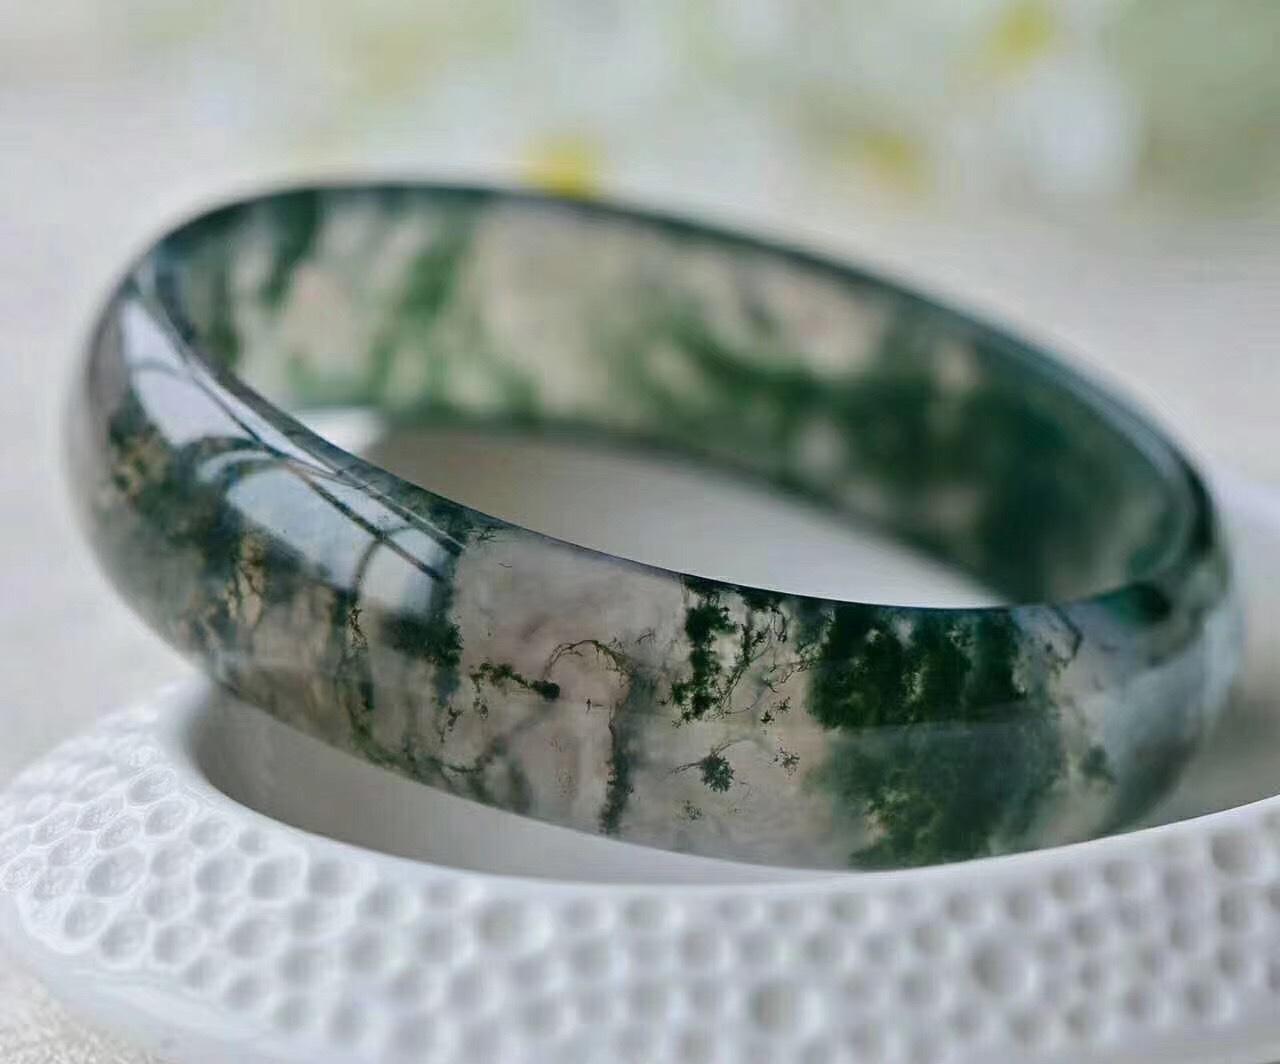 天然原色印度水草玛瑙玉髓手镯玻璃种玛瑙镯子女款苔藓玛瑙玉镯